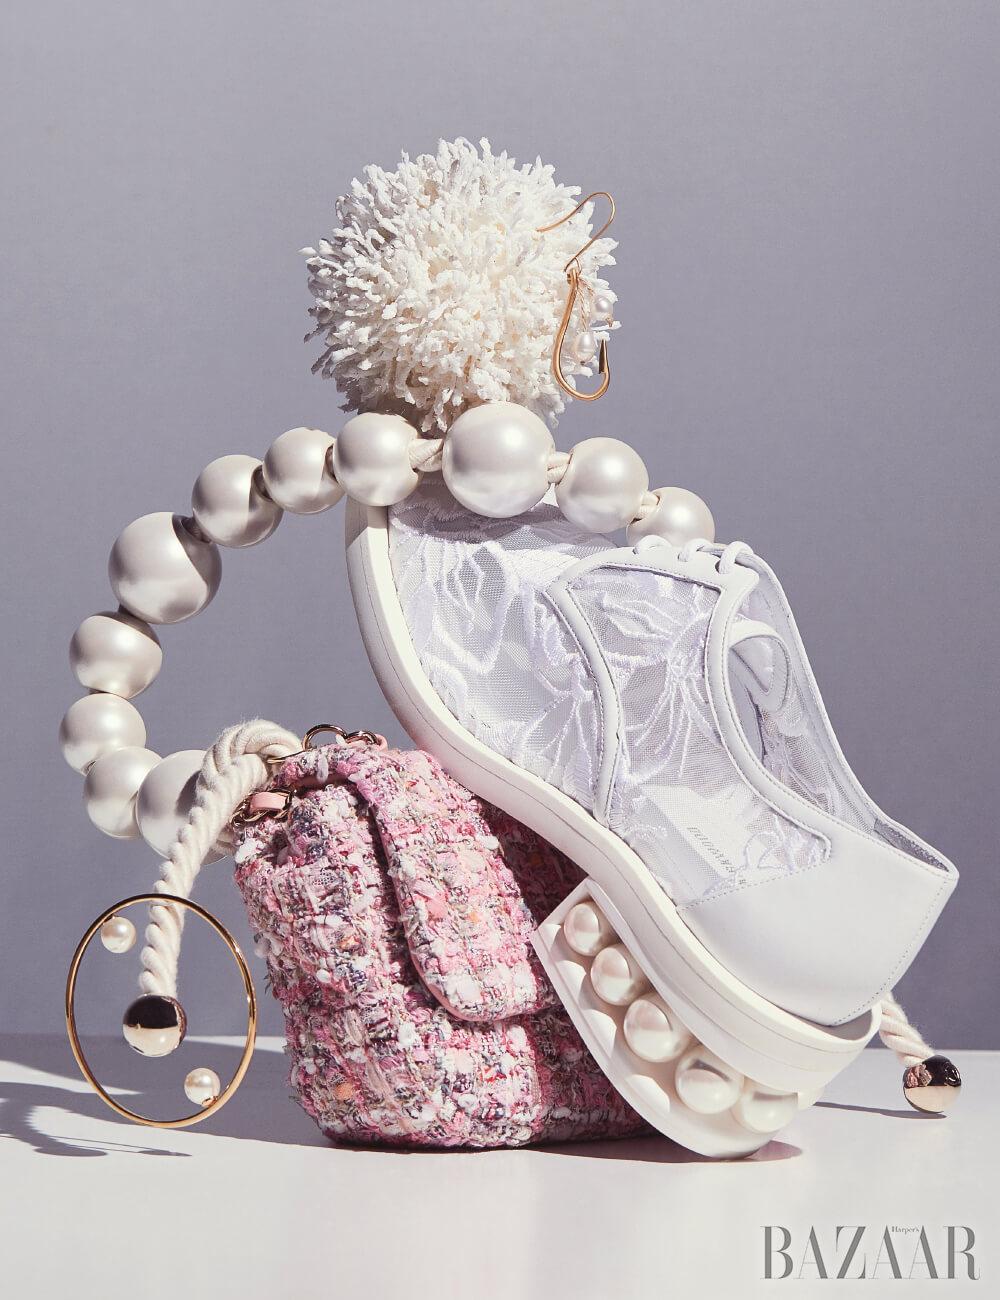 (위부터 시계 방향으로) 귀고리는 37만원 J.W Andersonby BOONTHESHOP, 슈즈는 1백67만원 Nicholas Kirkwood by BOONTHESHOP, 백은 가격 미정 Chanel, 팔찌는 37만원 Chloé.